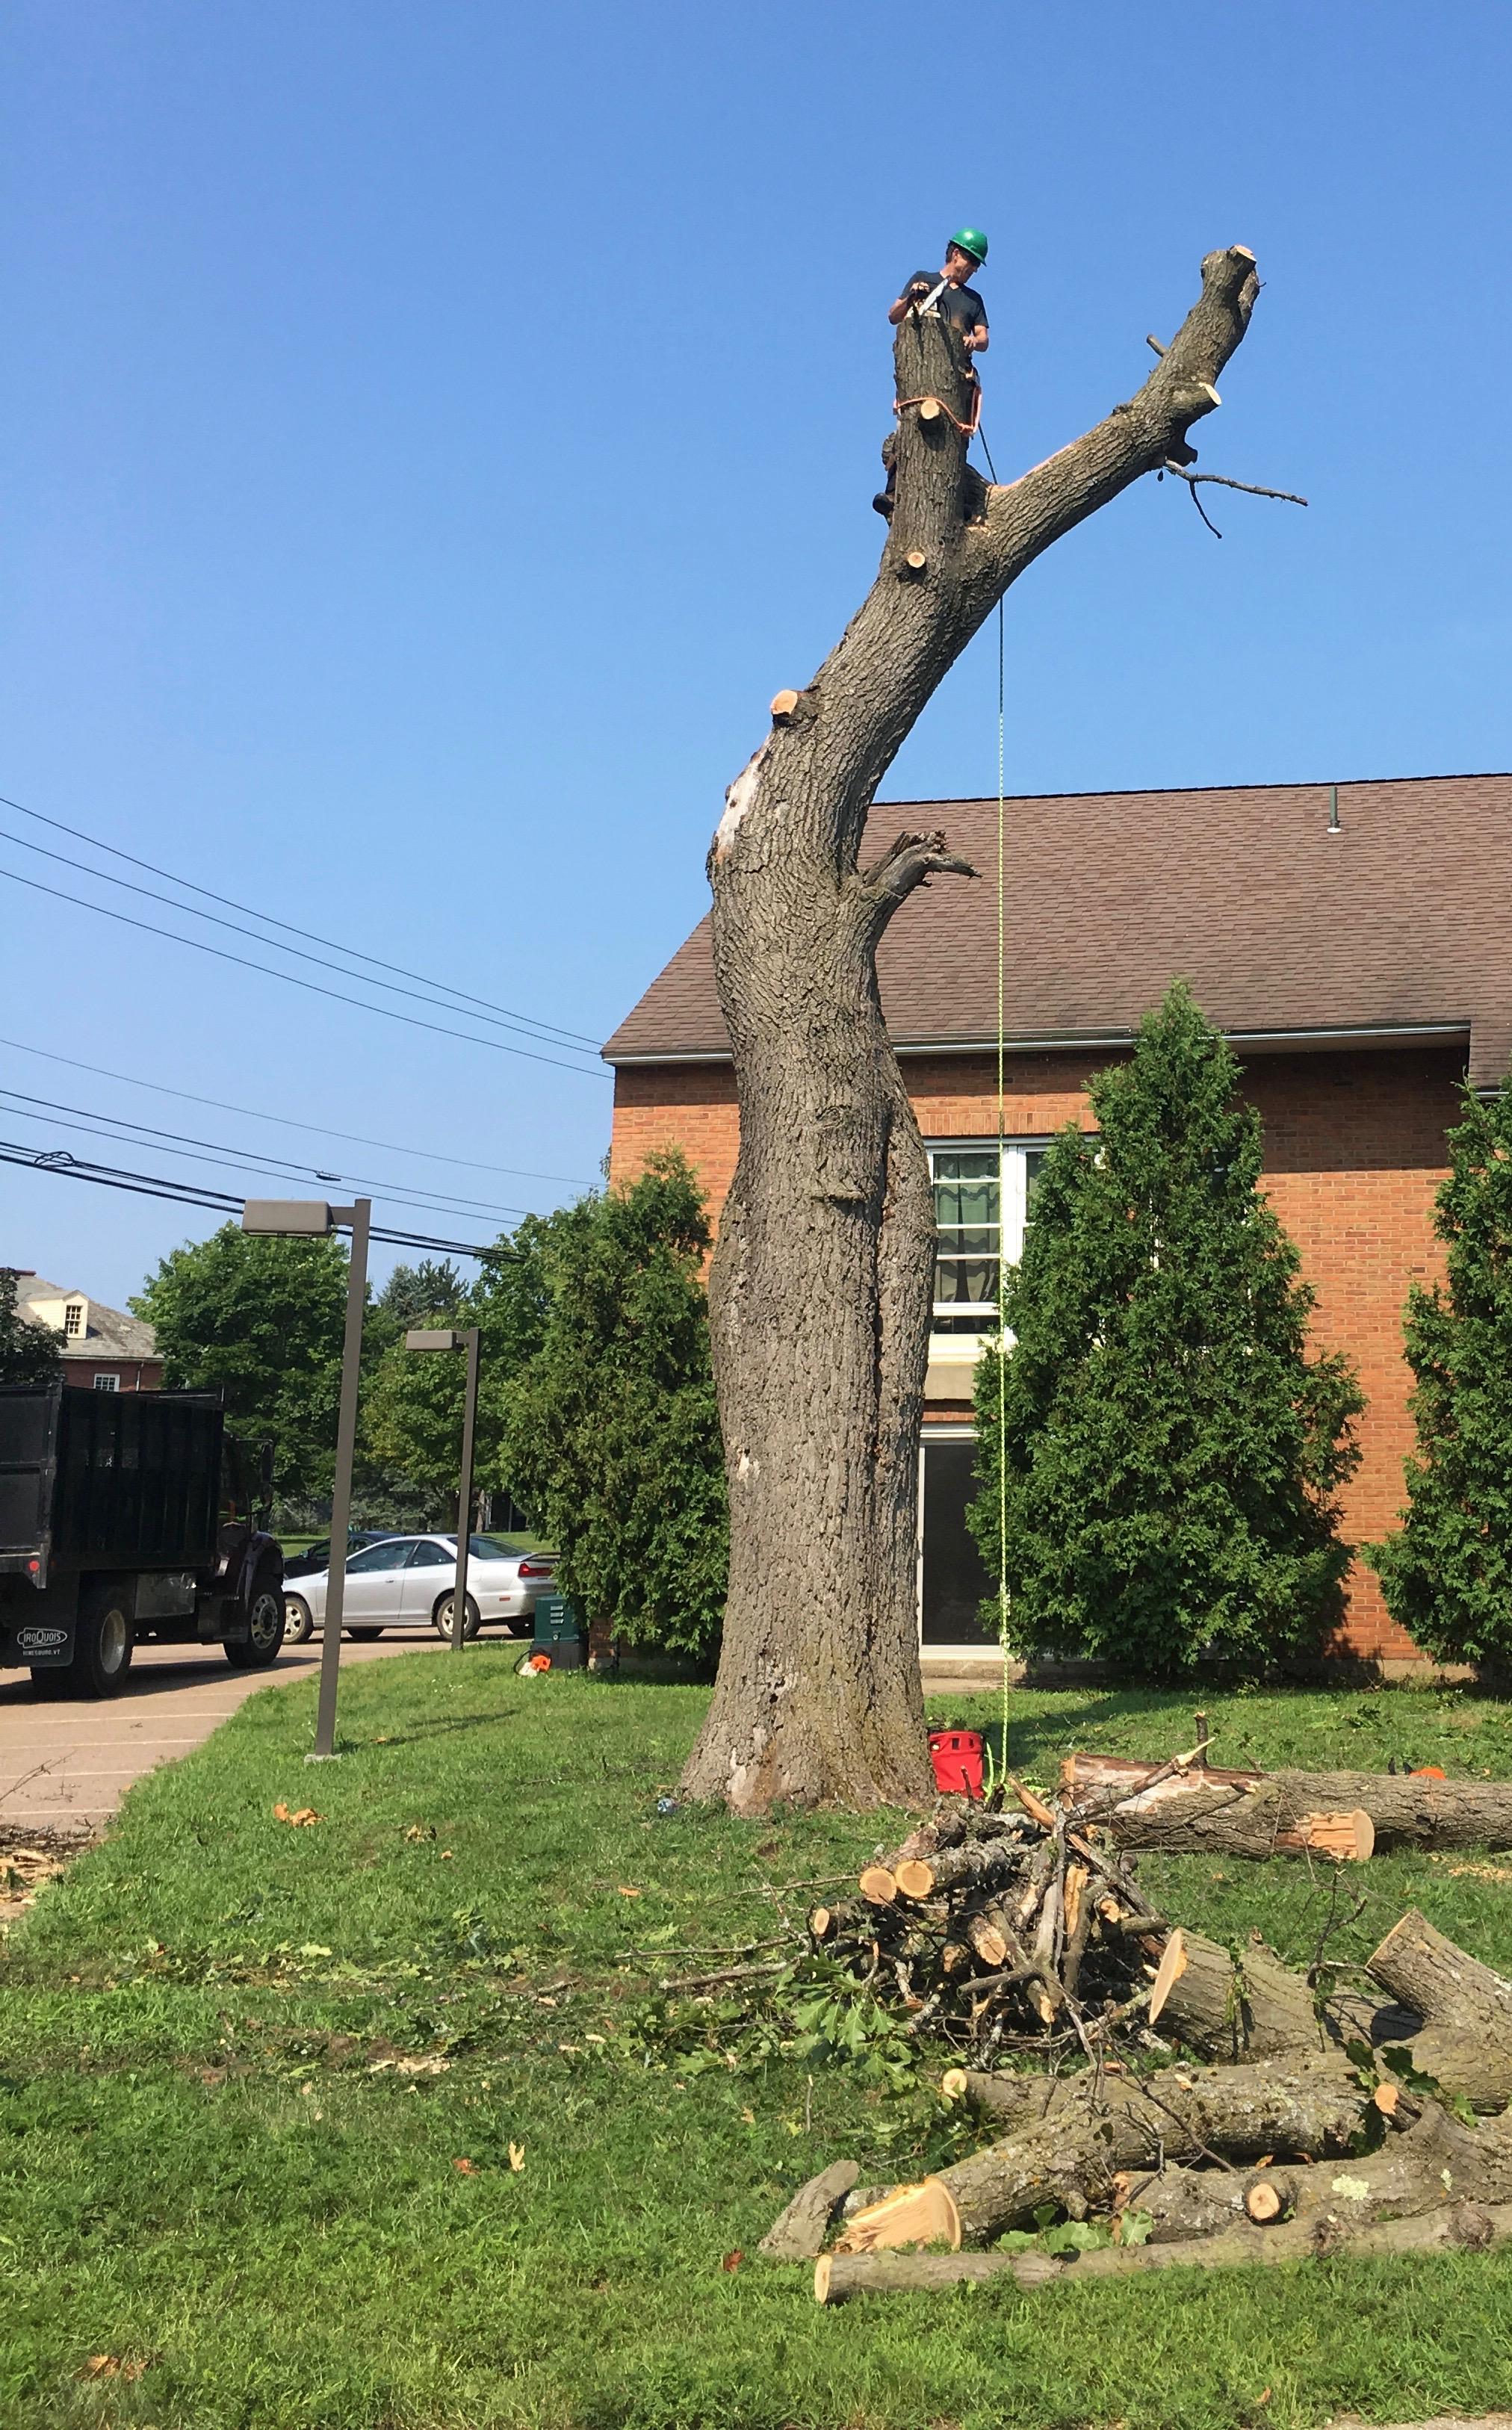 White Falcon Tree Work